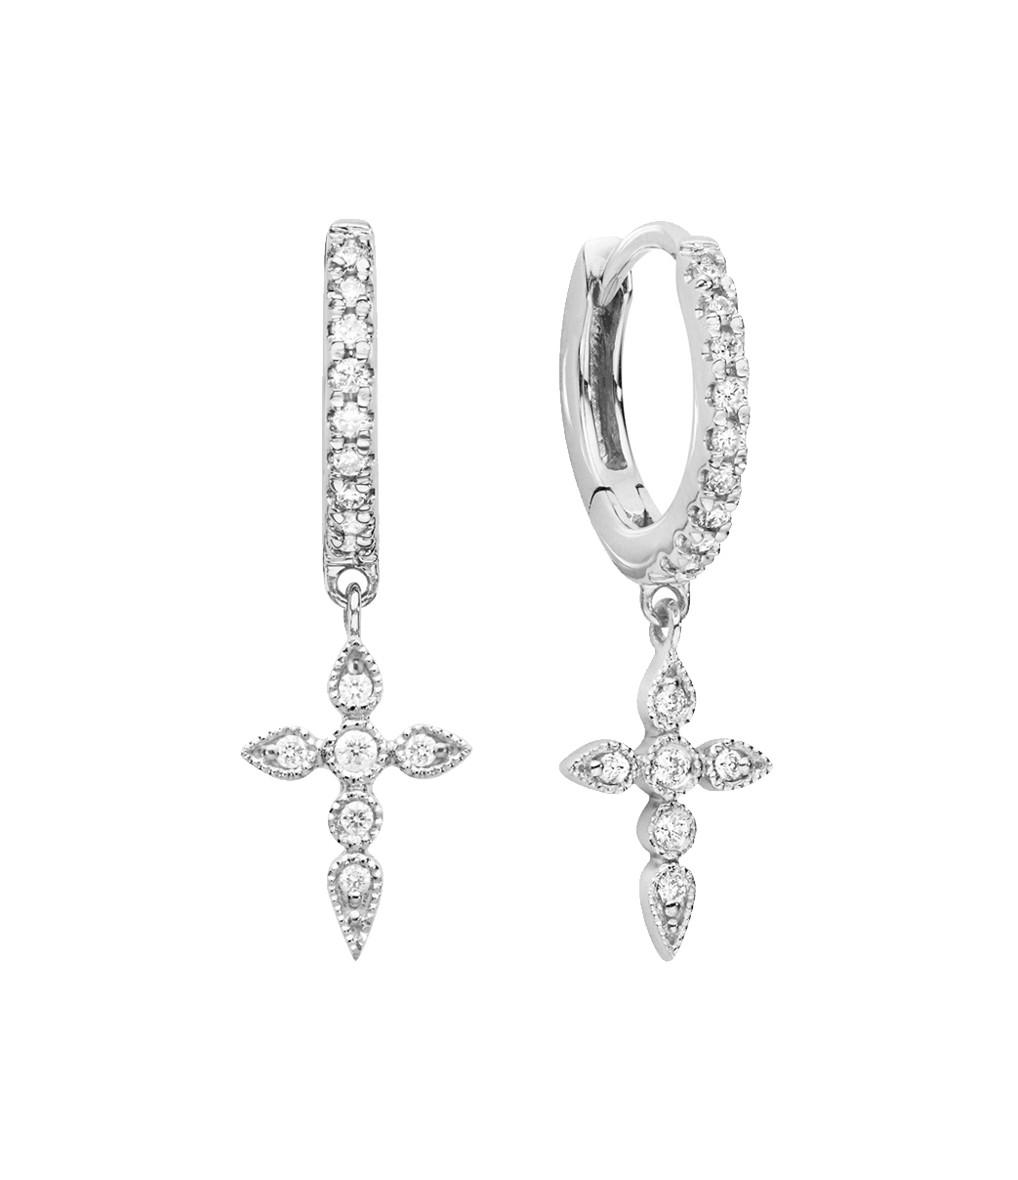 STONE PARIS - Mini Créole Céleste Or Diamants (vendue à l'unité)